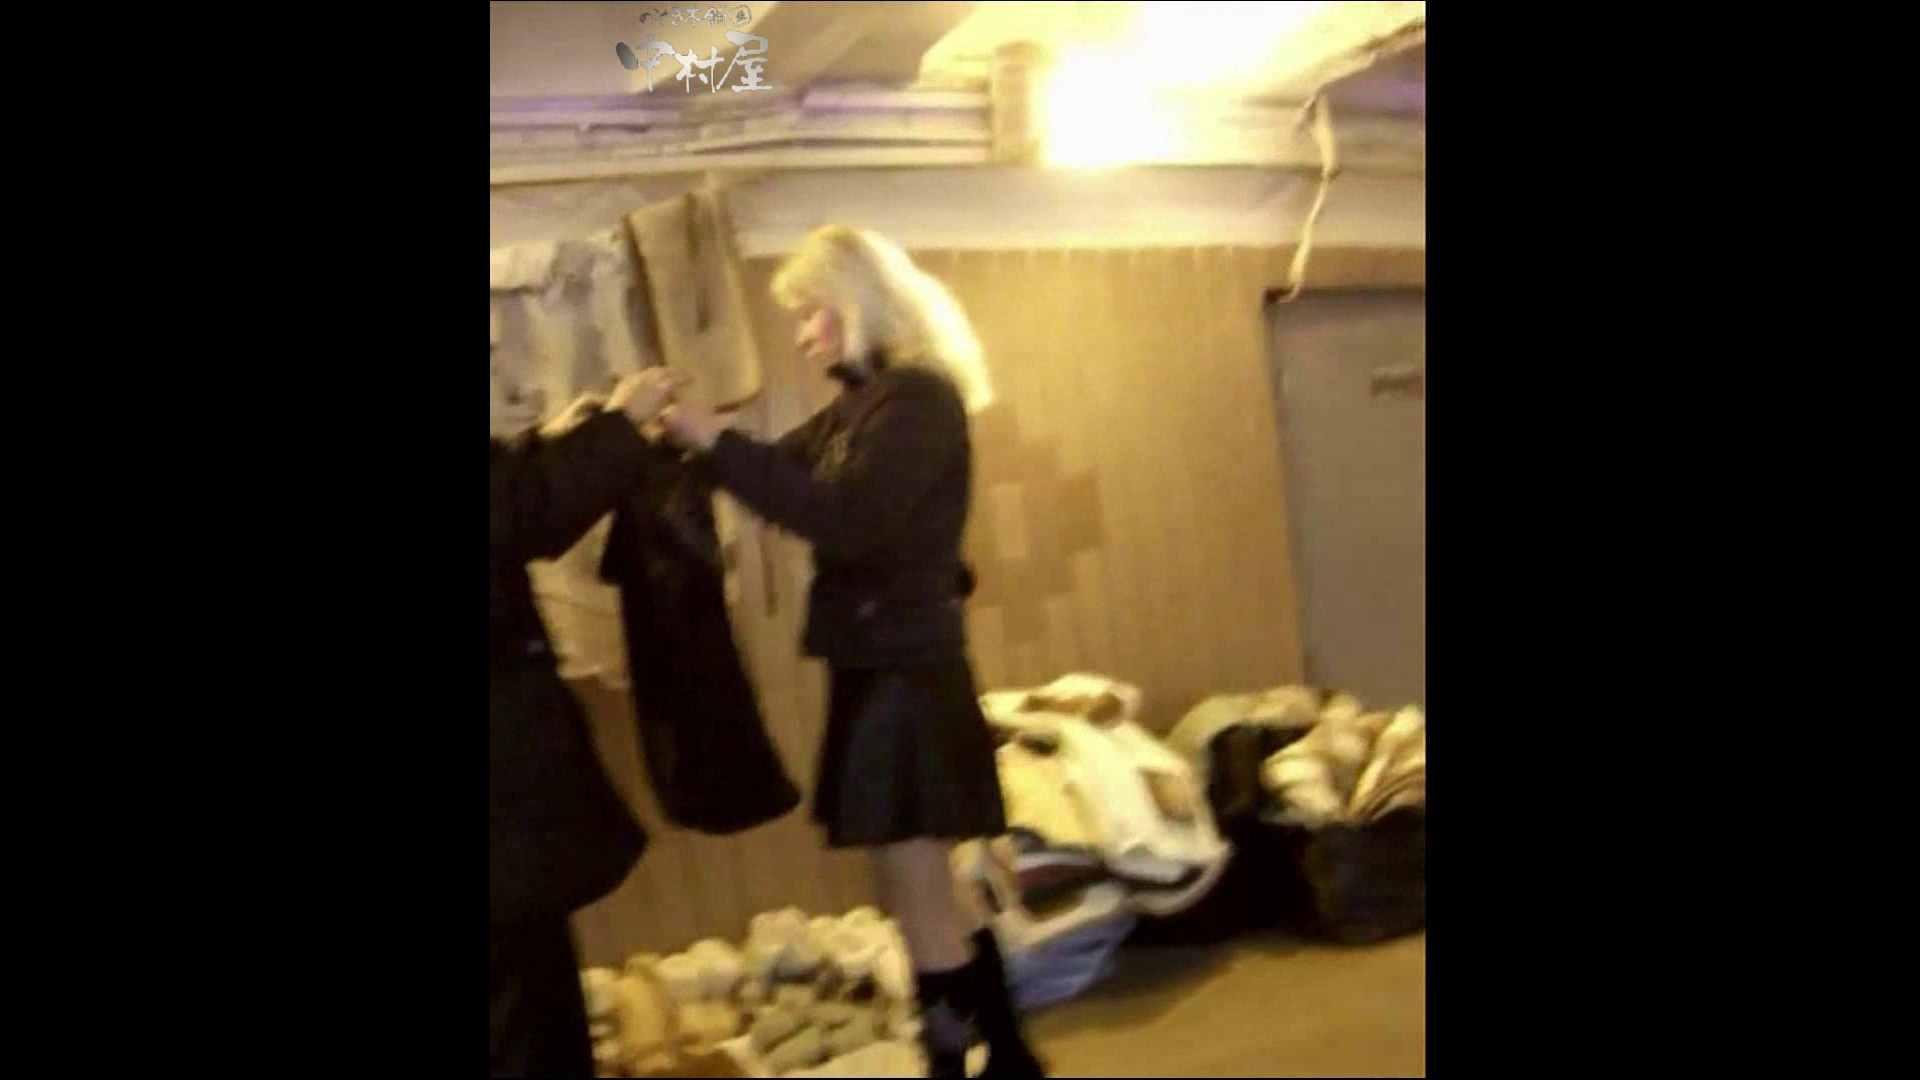 綺麗なモデルさんのスカート捲っちゃおう‼ vol18 綺麗なOLたち オメコ動画キャプチャ 68枚 65